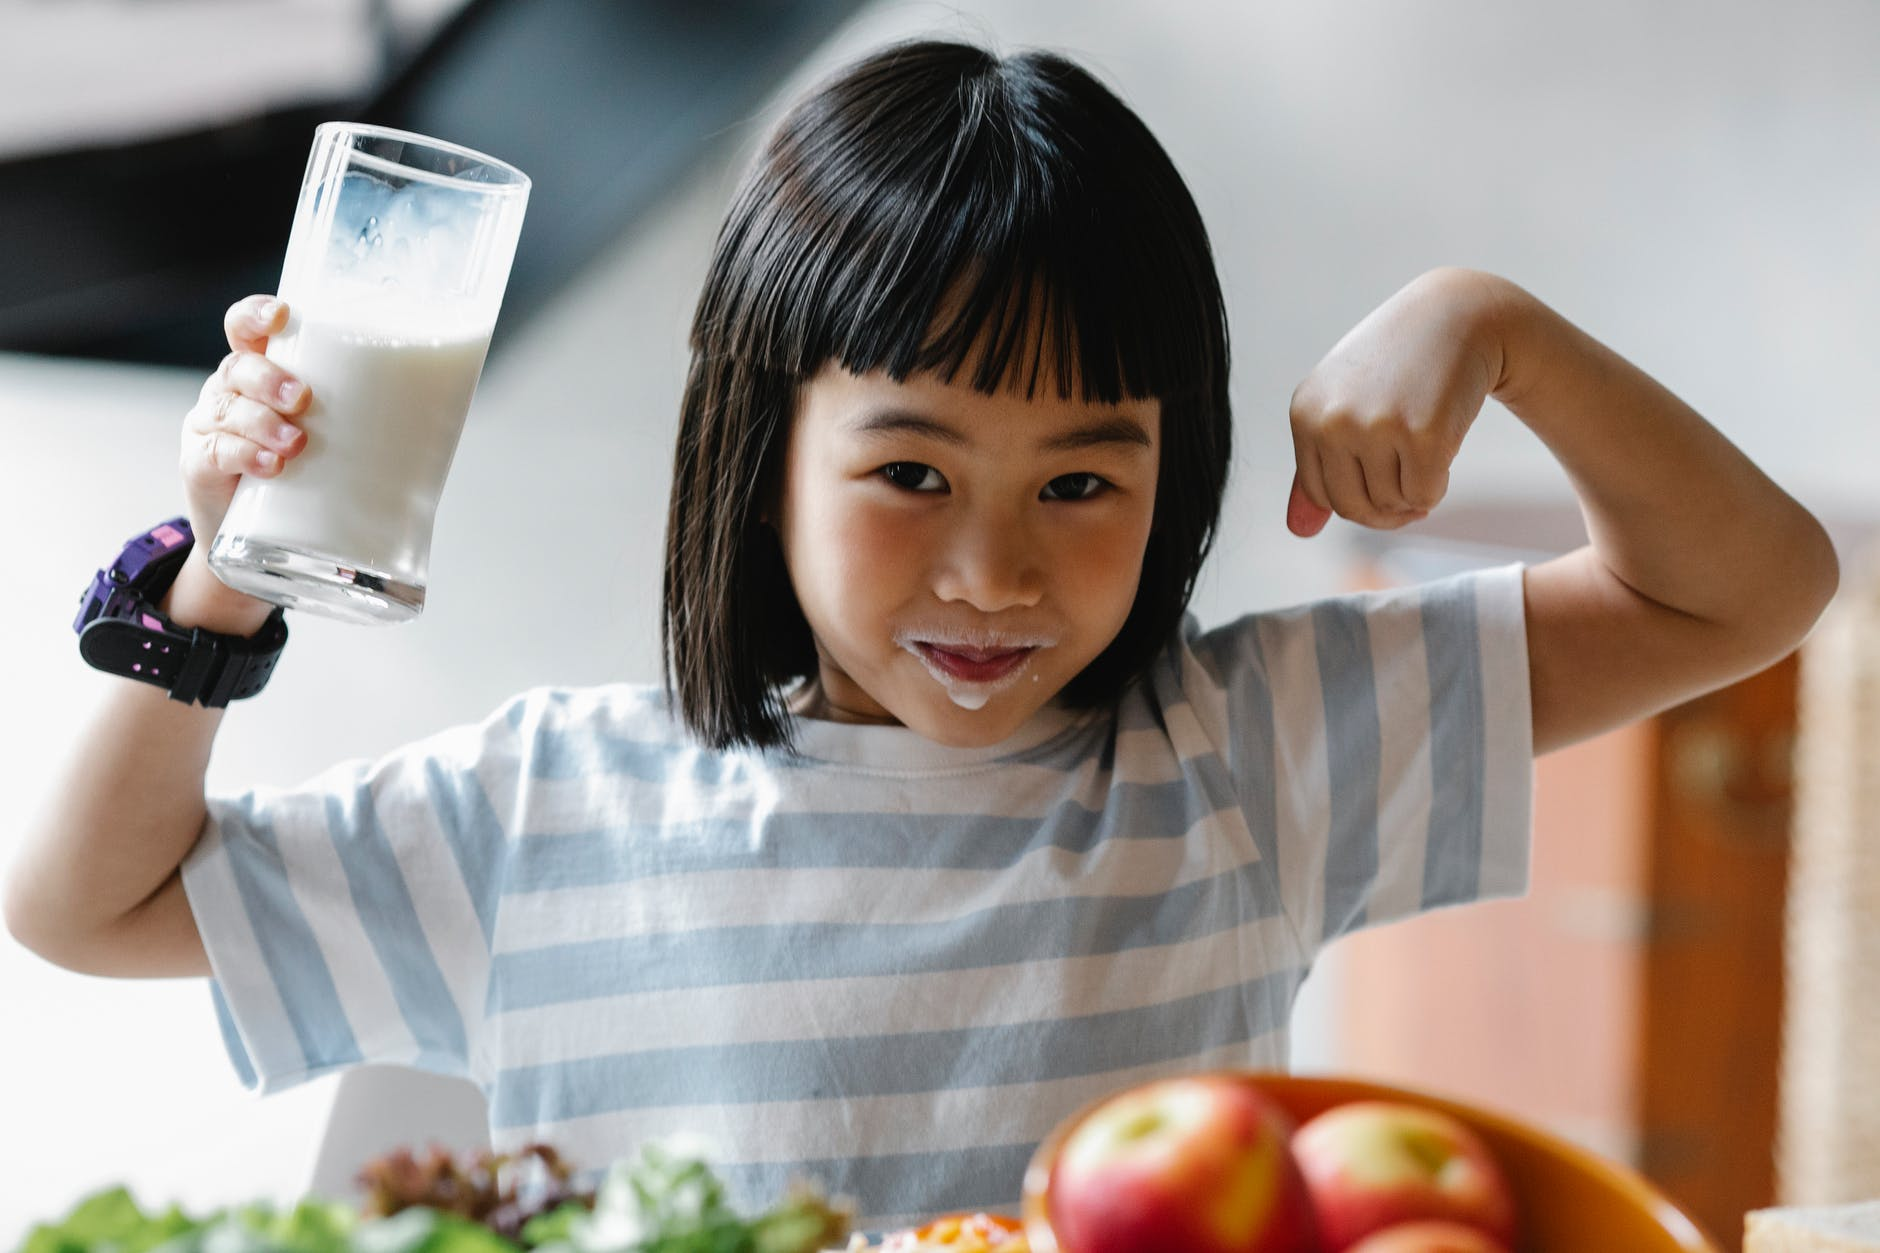 Пастеризованное молоко - бесполезный продукт: разбираемся так ли это